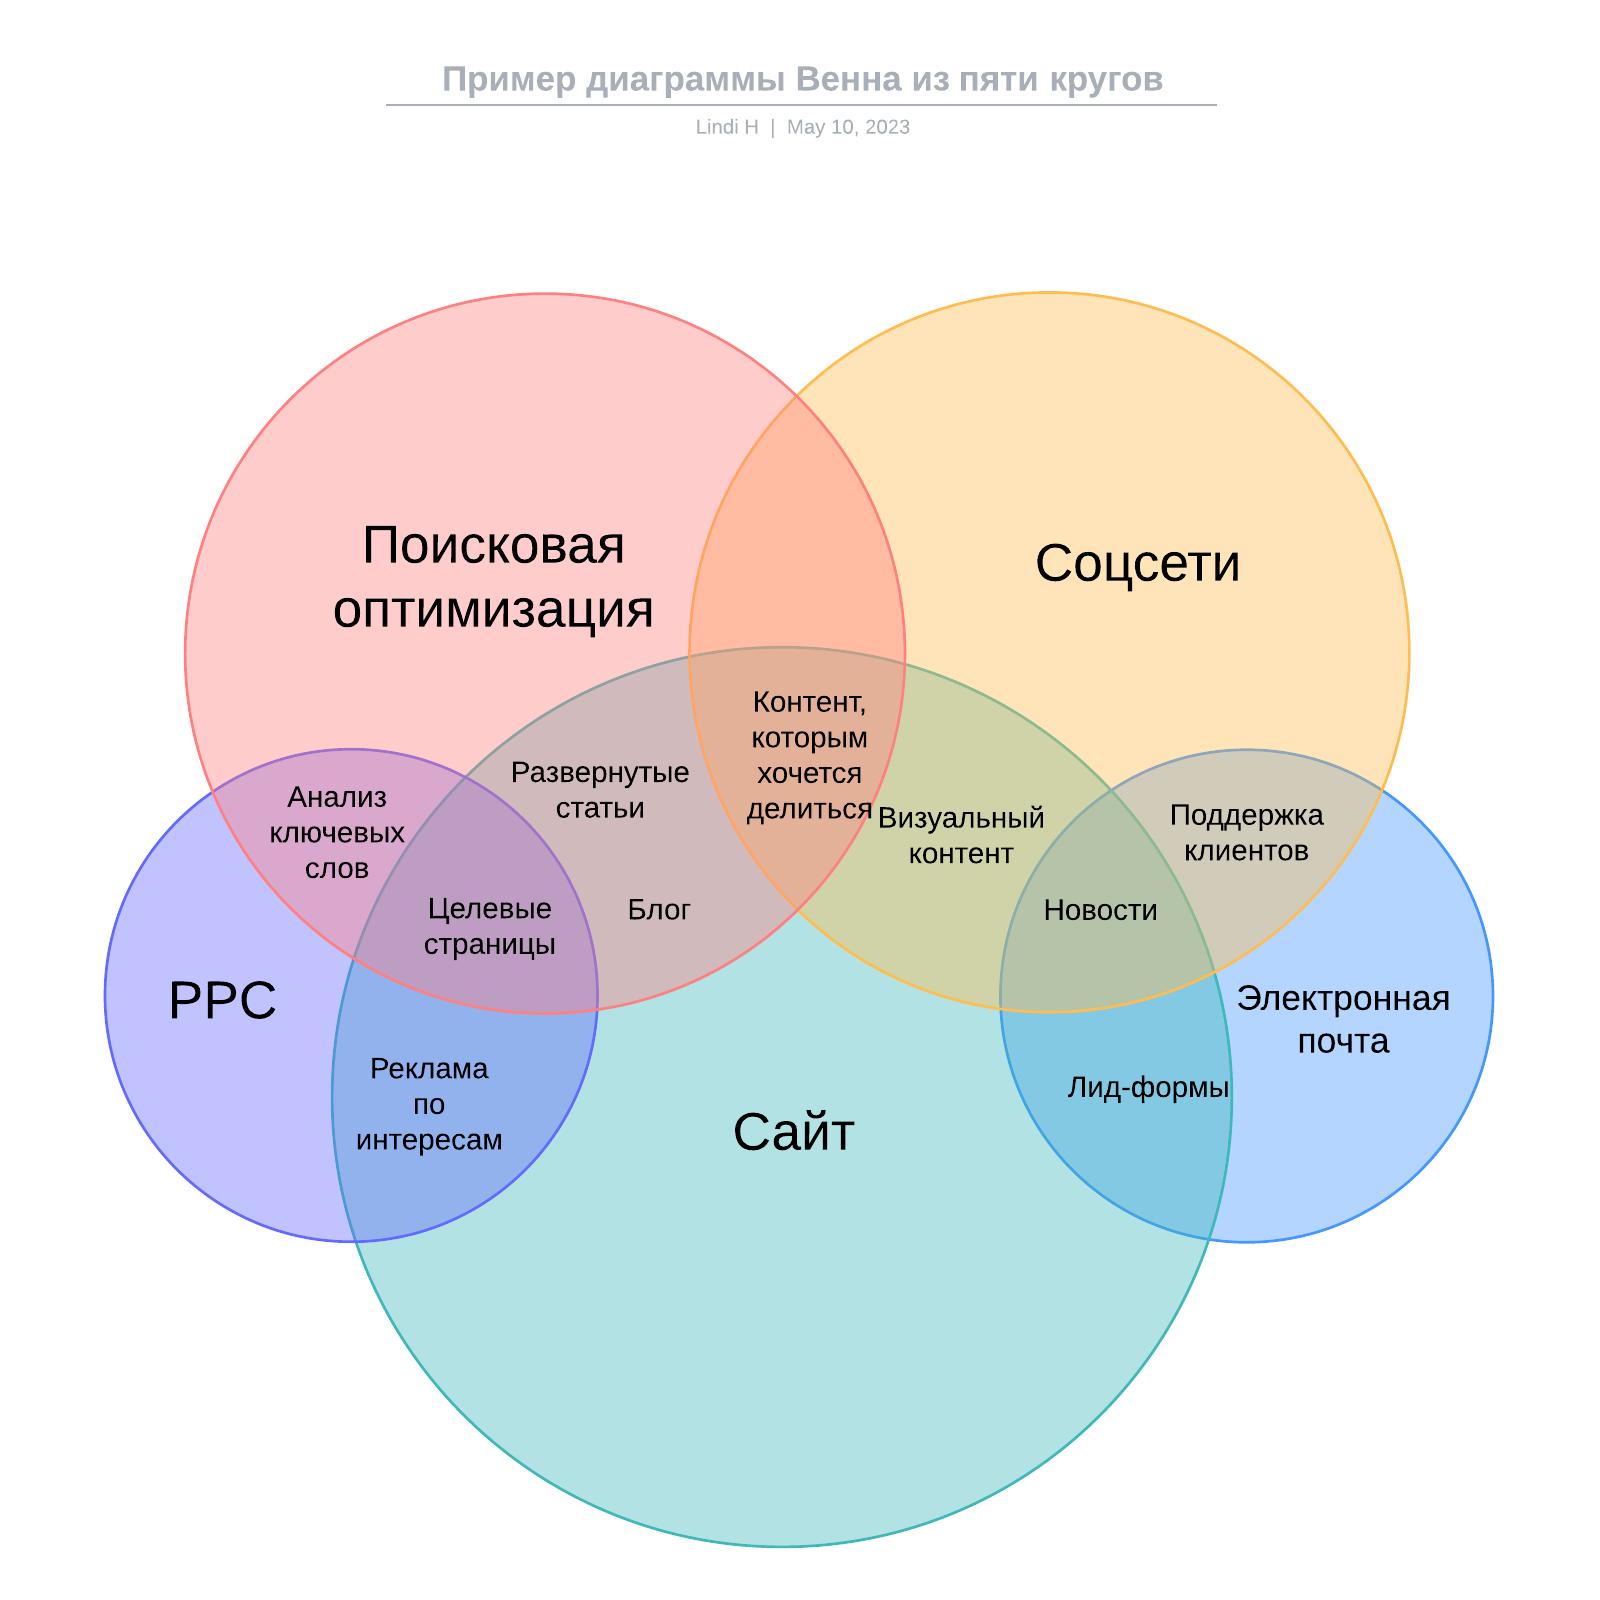 Пример диаграммы Венна из пяти кругов